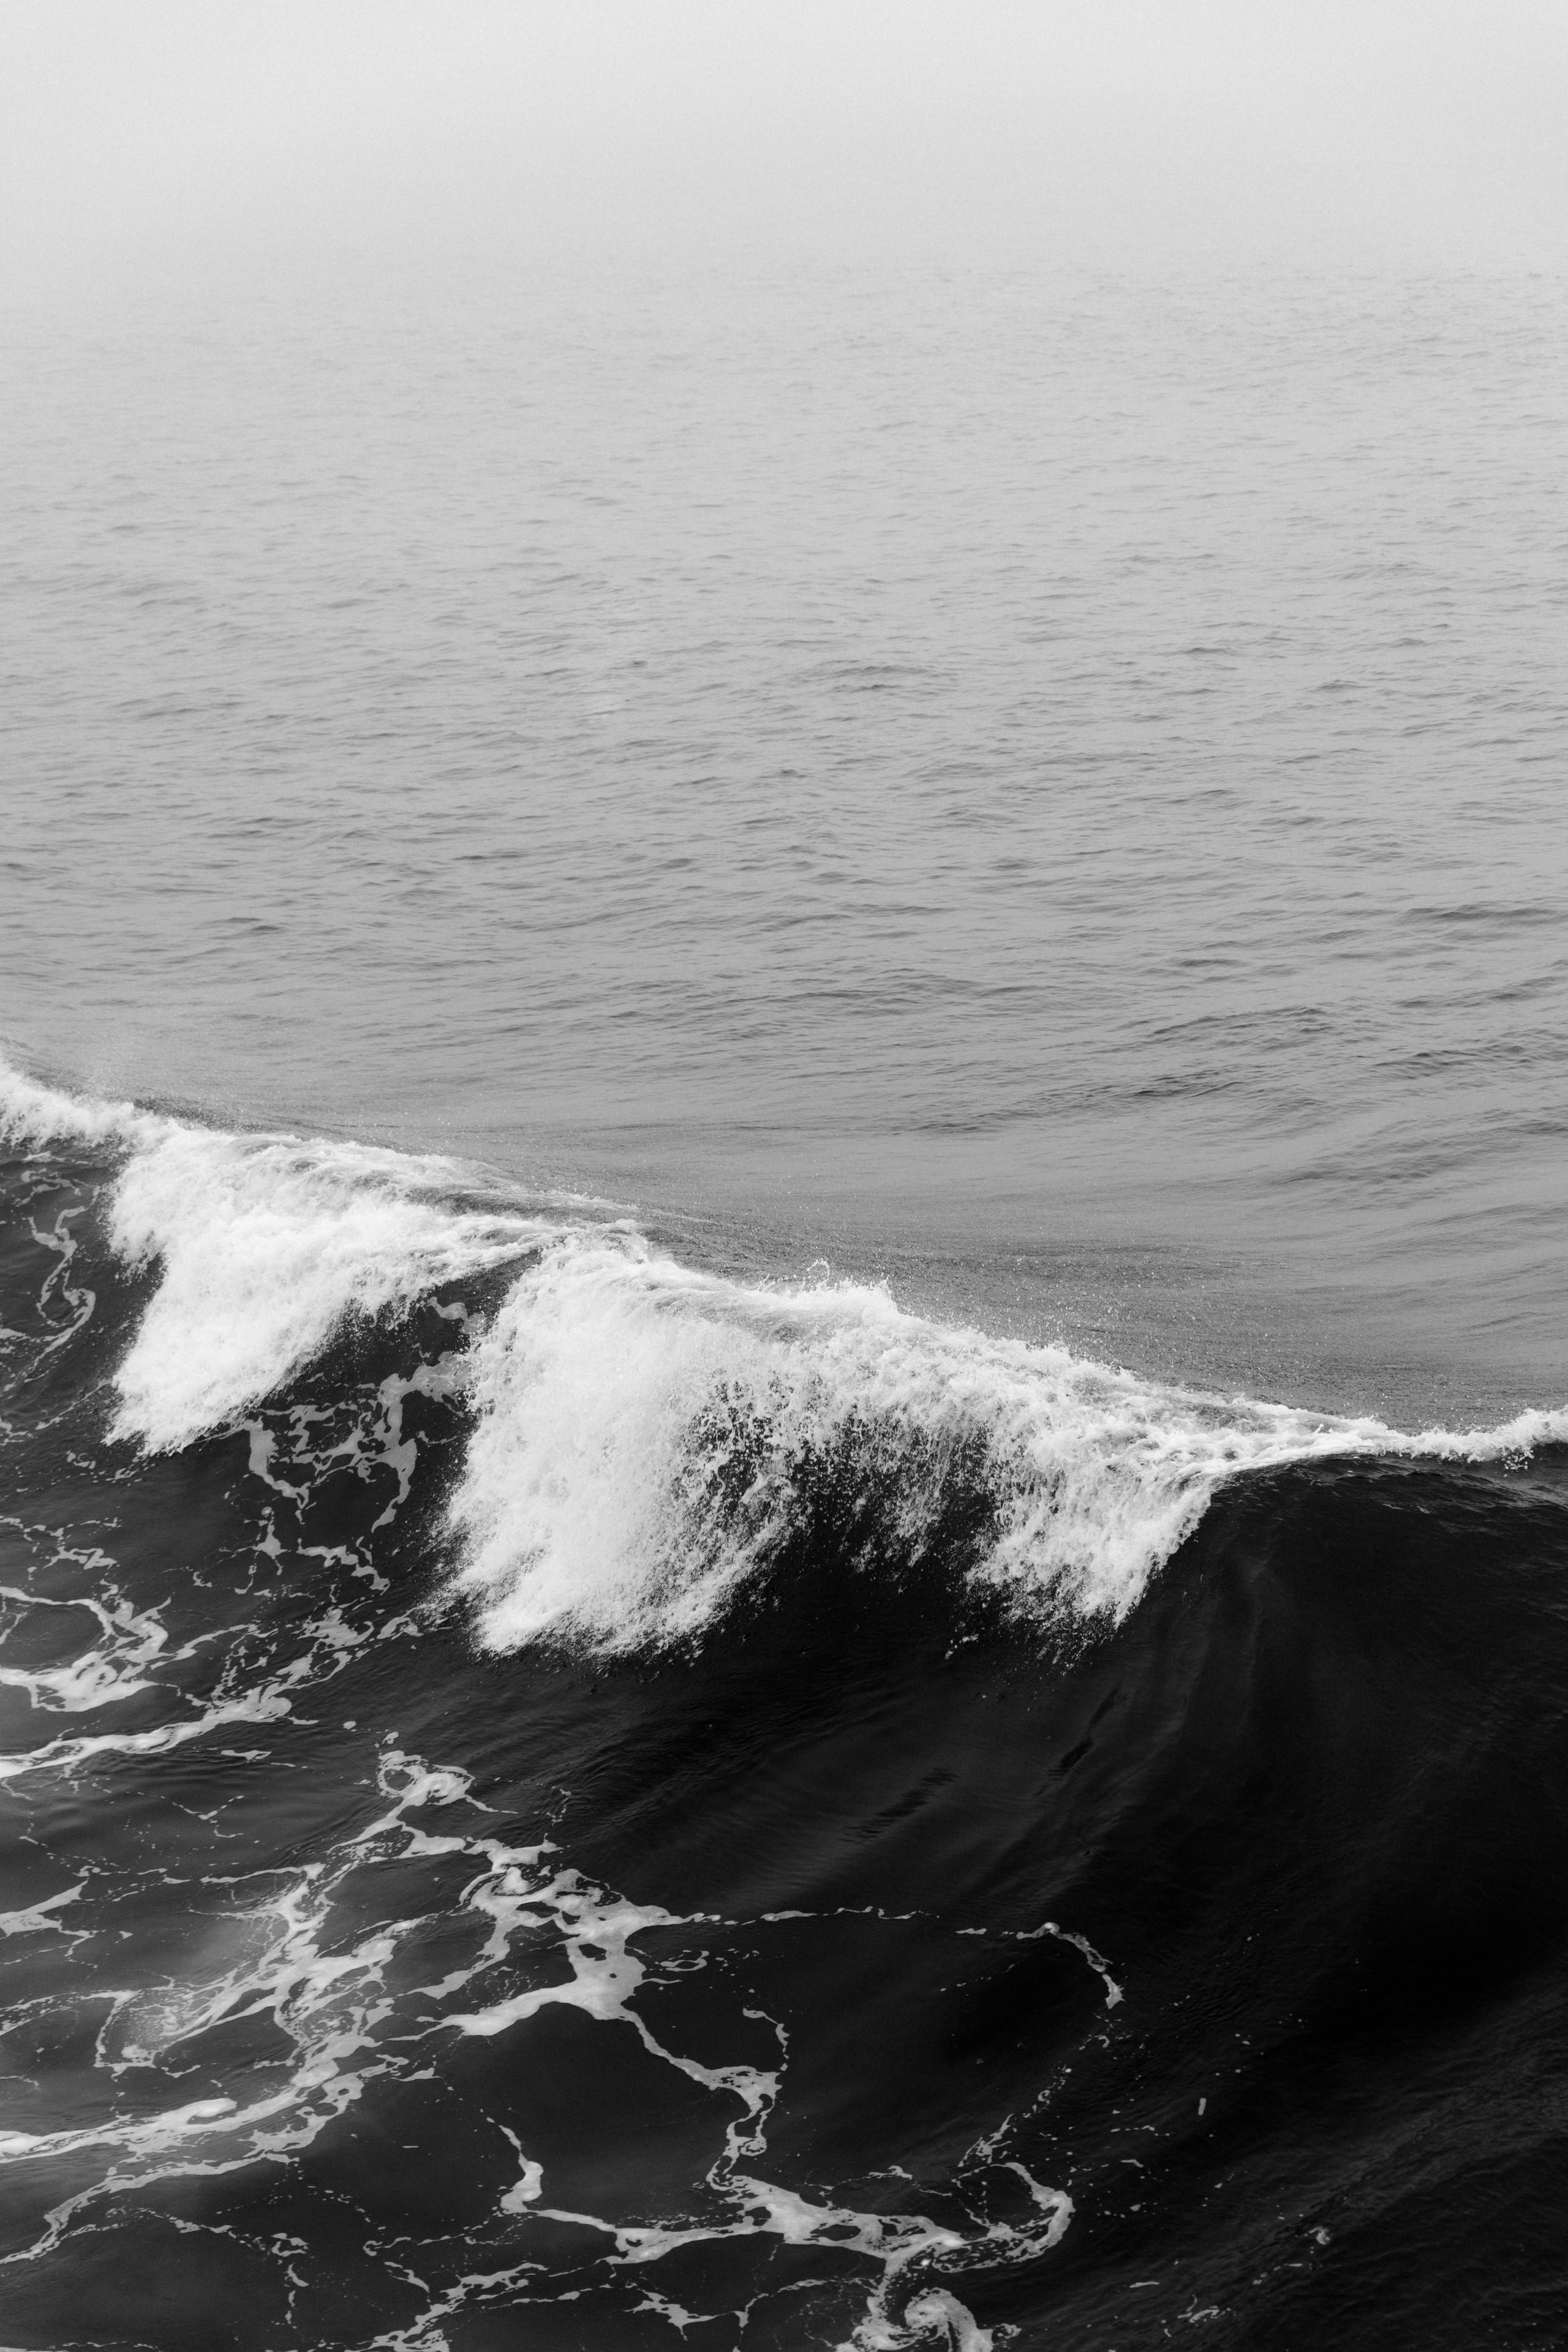 Fondos del mar